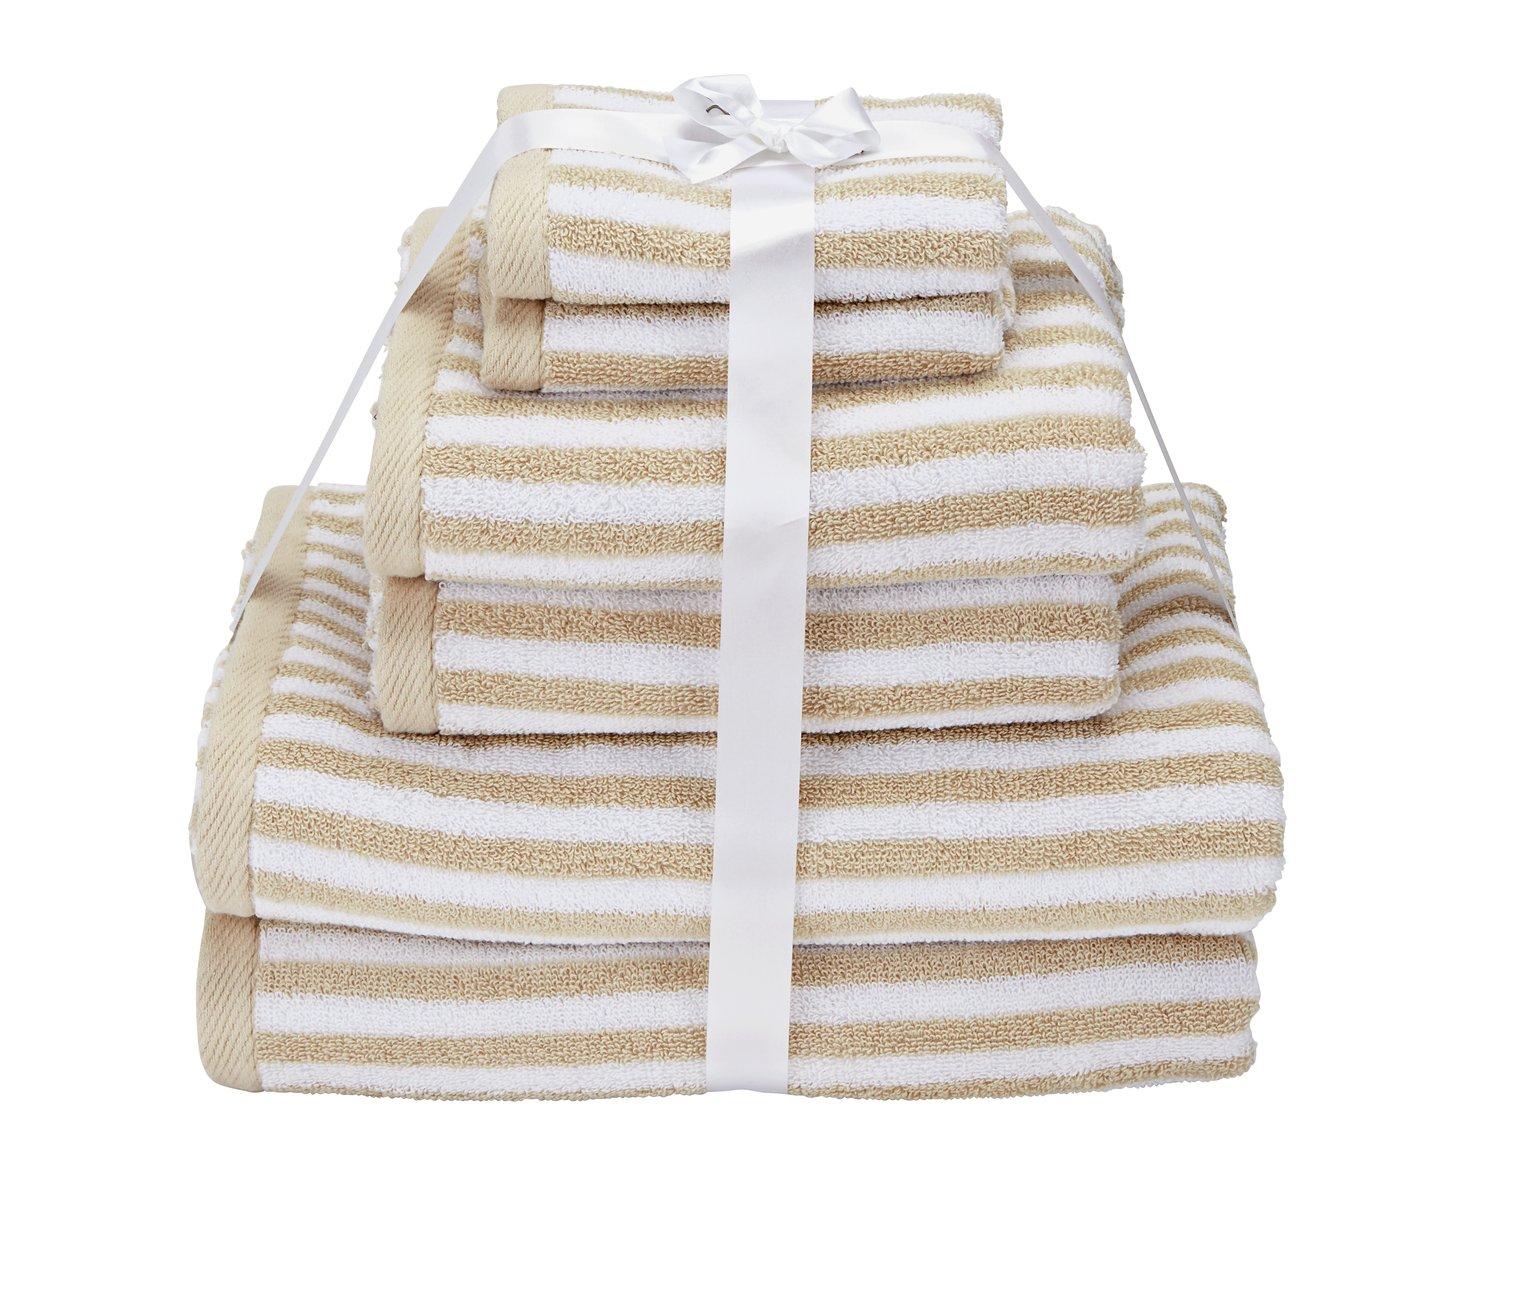 Argos Home 6 Piece Towel Bale - Stone Skinny Stripe